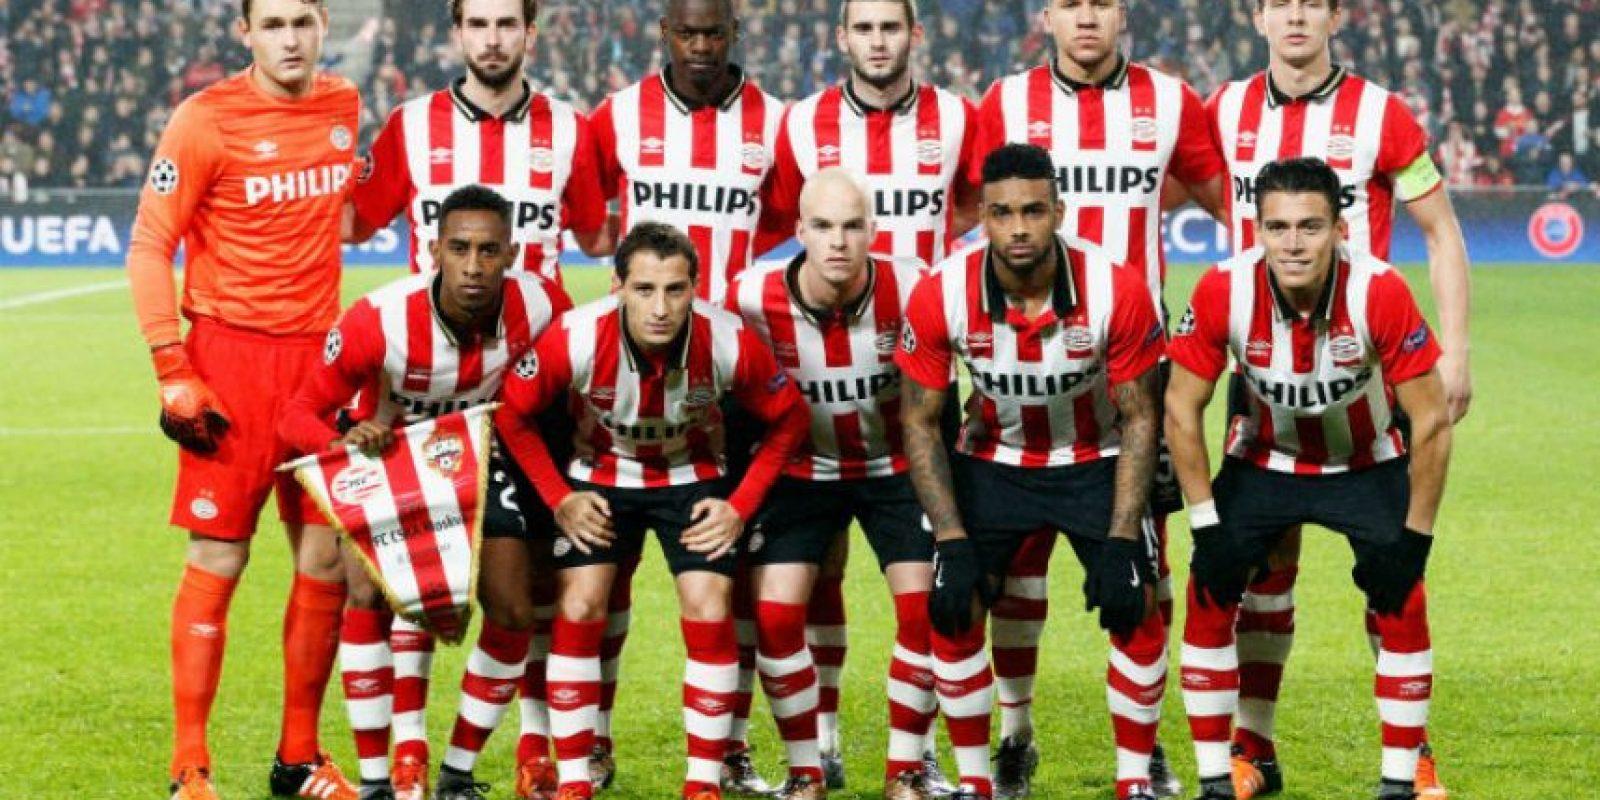 Los holandeses finaizaron como segundos del Grupo B, además de ganar 22.5 millones de euros